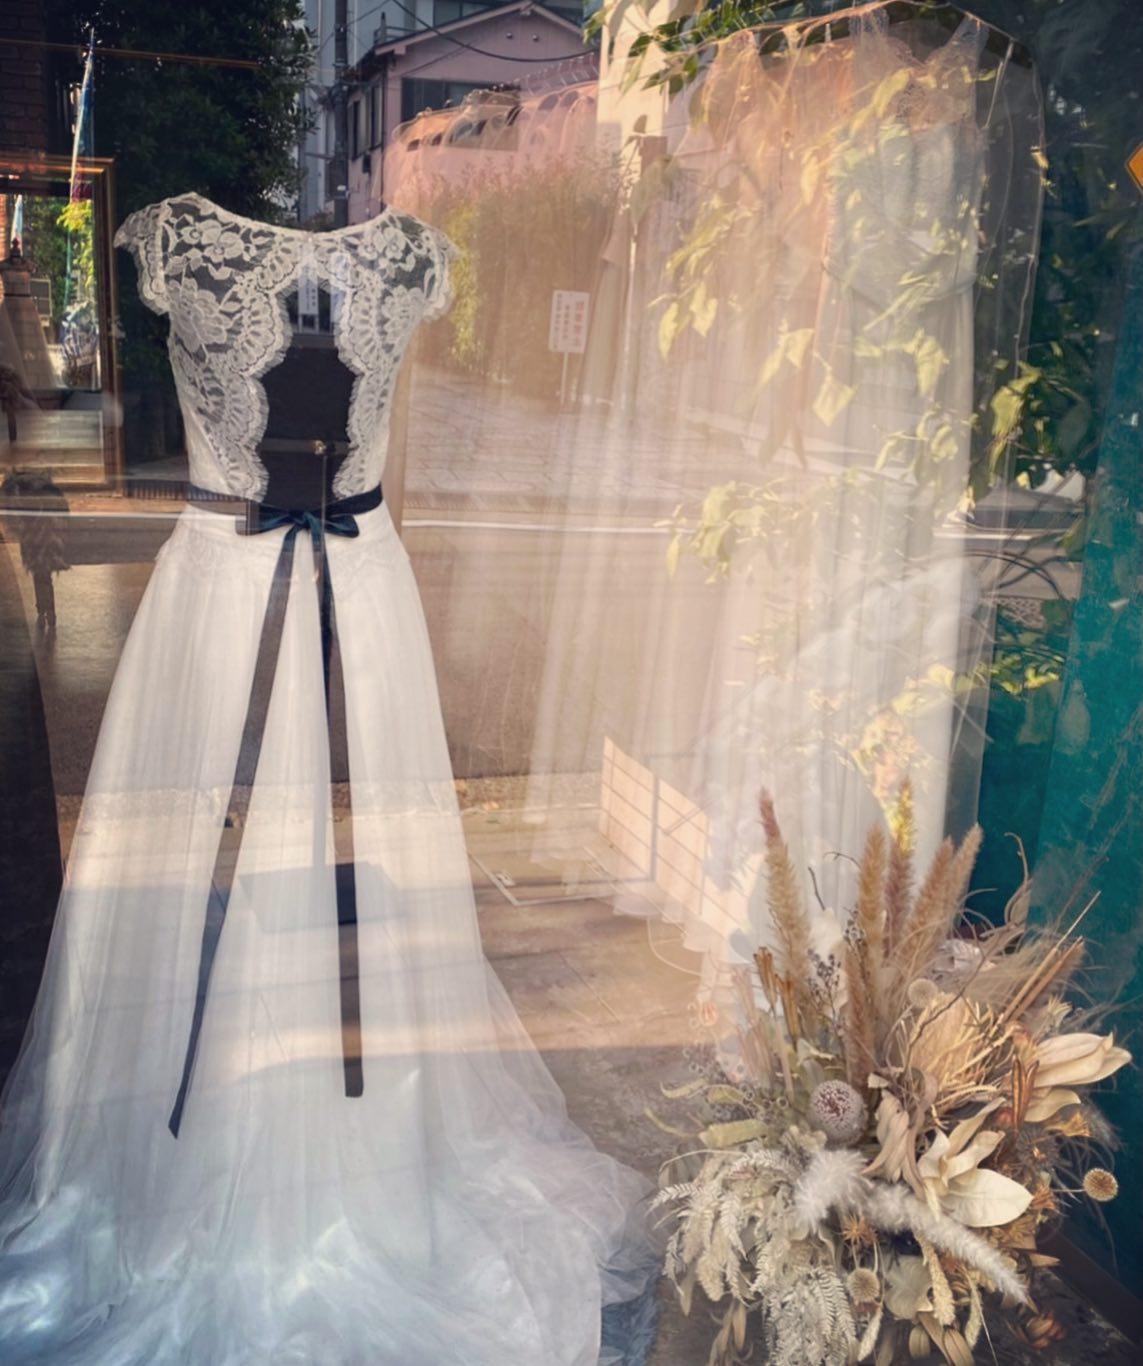 """🕊Claras ショーウィンドウ 🕊バックスタイルも重要なポイント大胆な背中の開きをレースのスカラップが女性らしく魅せます🤍・R.COSY ¥380.000・インポートドレスを適正価格でお届けするのがClaras・レンタルでは叶わない繊細で上質な素材も、ジャストサイズだから再現できるデザイン美も・Parisに関連会社があるからこそ直輸入での適正価格が叶う・Clarasは1組ずつ貸切でご案内寛ぎながら本当にその方に合った1着へと導きます自分だけのための1着を選びに来てください🤍結婚式やフォトなど迷ってる方でもまずはClarasへ🕊・長年様々なウエディングに携わってきたClarasスタッフより、細かなカウンセリングを行い的確ななご提案をさせていただきますご予約はDMからでも承れます・New Normal Wedding Salon""""Claras""""https://claras.jp/・about """"Claras""""…(ラテン語で、明るい·輝く)As(明日· 未来, フランス語て最高、一番) ・明るく輝く明日(未来) に貢献したいという想いを込めています🕊Fashionの都Parisをはじめ、欧米から選りすぐりのドレスをこれから出逢う花嫁のために取揃えました・2021.3.7 (Sun)NEW OPEN・Dressから始まるWedding Story""""憧れていた Dress選びから始まる結婚準備があったっていい""""・さまざまな新しい「価値」を創造し発信していきますこれからの新しい Wedding の常識を""""Claras """"から🕊・New Normal Wedding Salon【Claras】〒107-0061 東京都港区北青山2-9-14SISTER Bldg 1F(101) 東京メトロ銀座線 外苑前駅3番出ロより徒歩2分Tel:03 6910 5163HP: https://claras.jp営業時間:平日 12:00-18:00 土日祝11:00-18:00(定休日:月・火)・#wedding #weddingdress #instagood #instalike #claras #ウェディングドレス #プレ花嫁 #ドレス試着 #ドレス迷子#2021夏婚 #2021冬婚 #ヘアメイク #結婚式  #ドレス選び #前撮り #インポートドレス #フォトウェディング #ウェディングヘア  #フォト婚 #ニューノーマル #ブライダルフォト #カップルフォト #ウェディングドレス探し #ウェディングドレス試着 #セルドレス #ドレスショップ #バウリニューアル #運命のドレス #小顔効果 #スタイルアップ"""